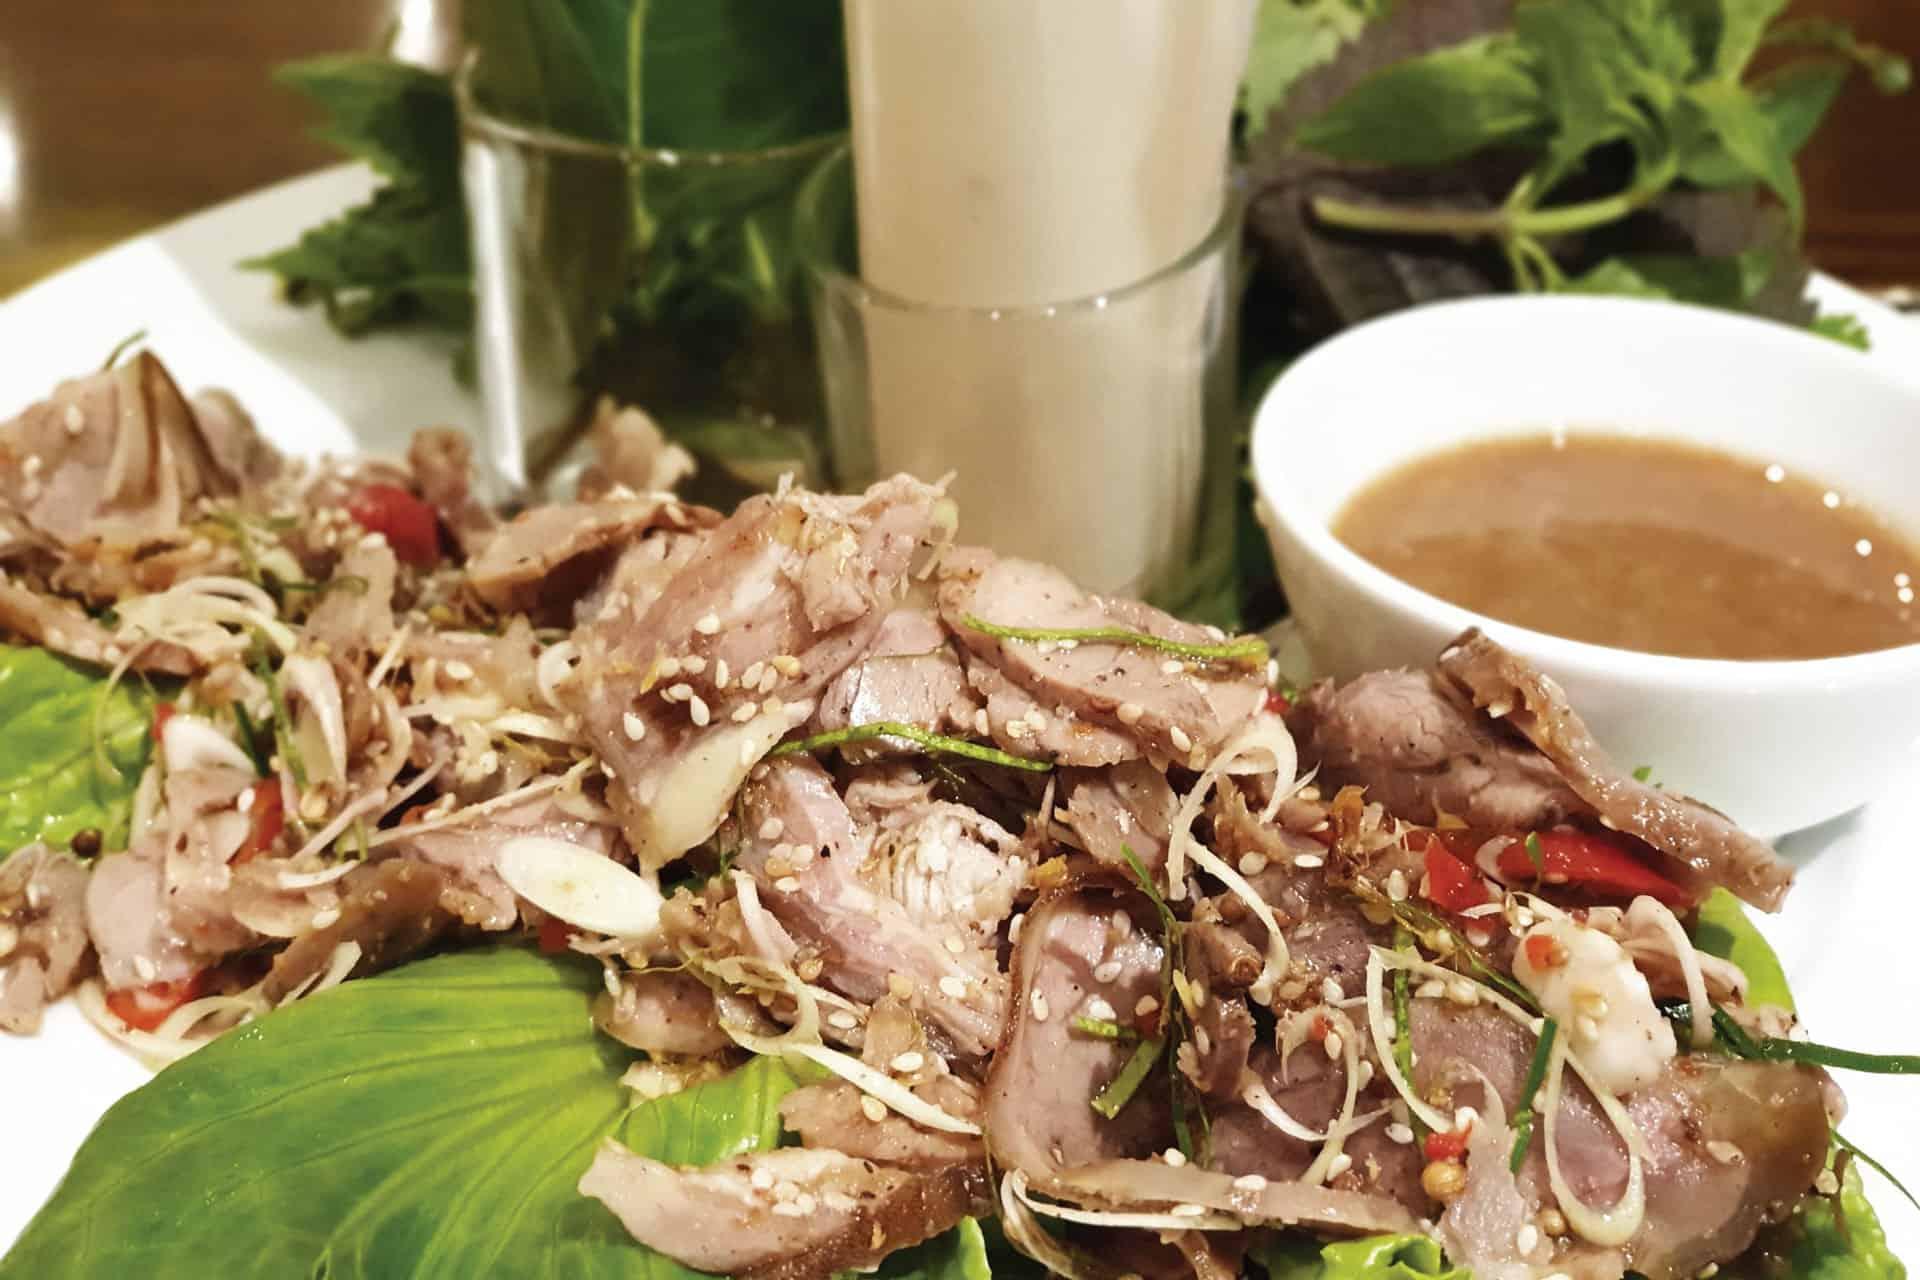 Món dê tái chanh đặc sắc được nhiều du khách yêu thích tại Golden Rice